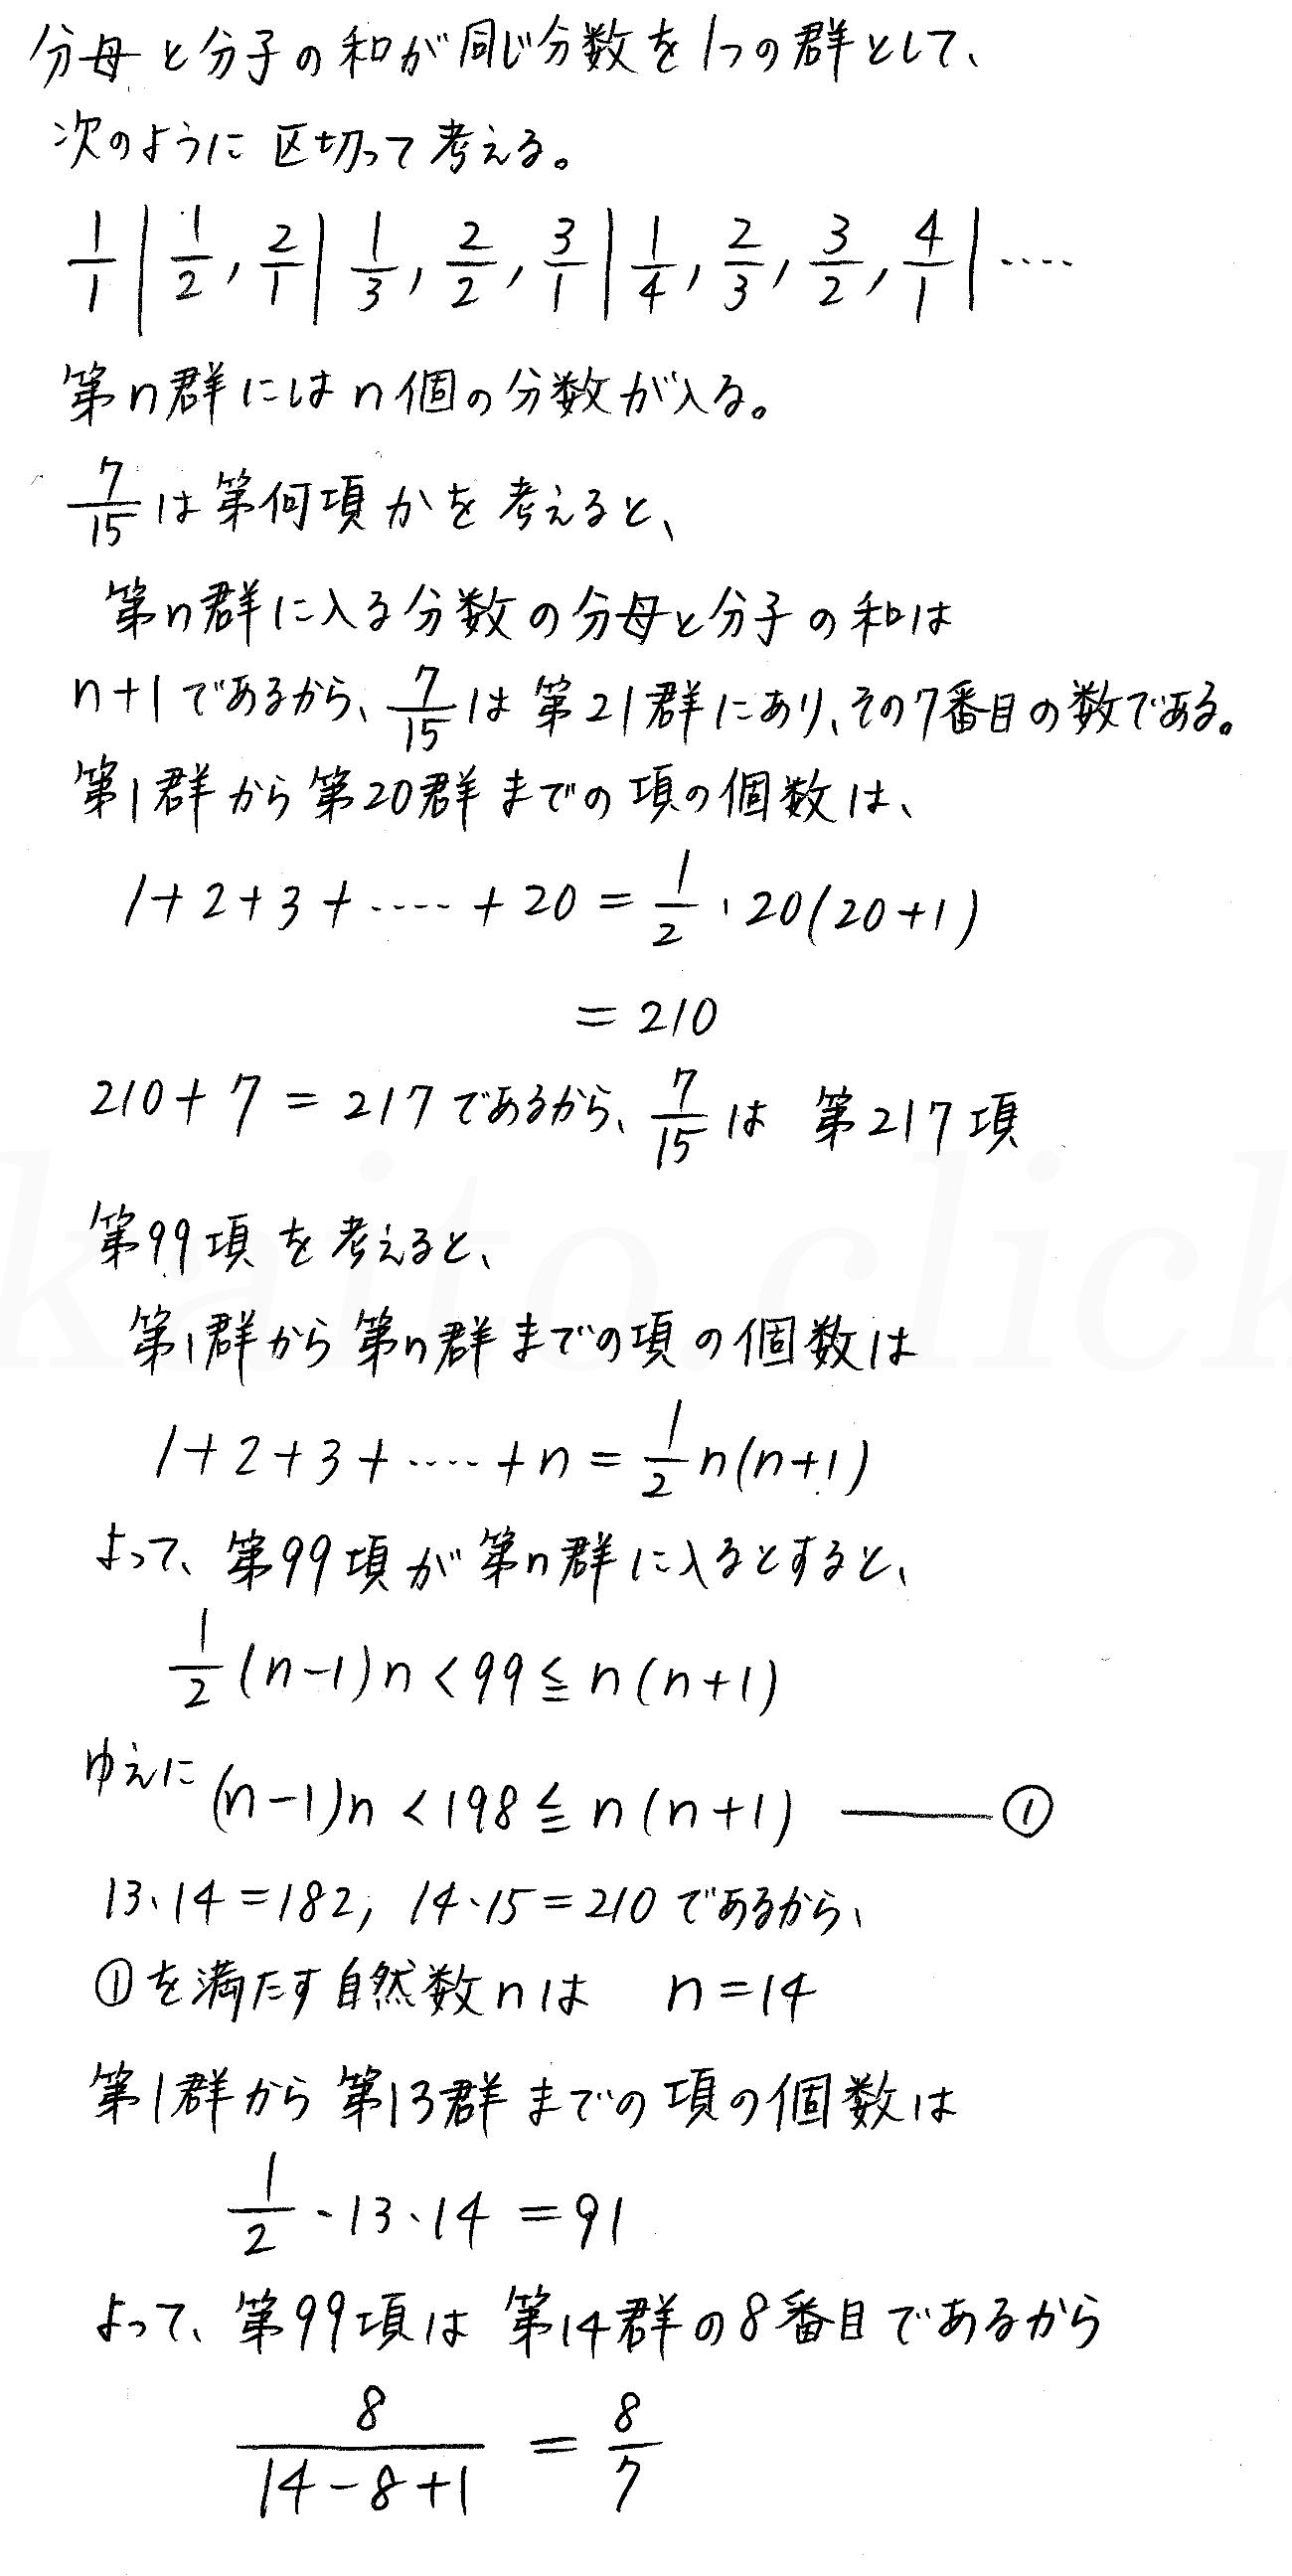 クリアー数学B-246解答